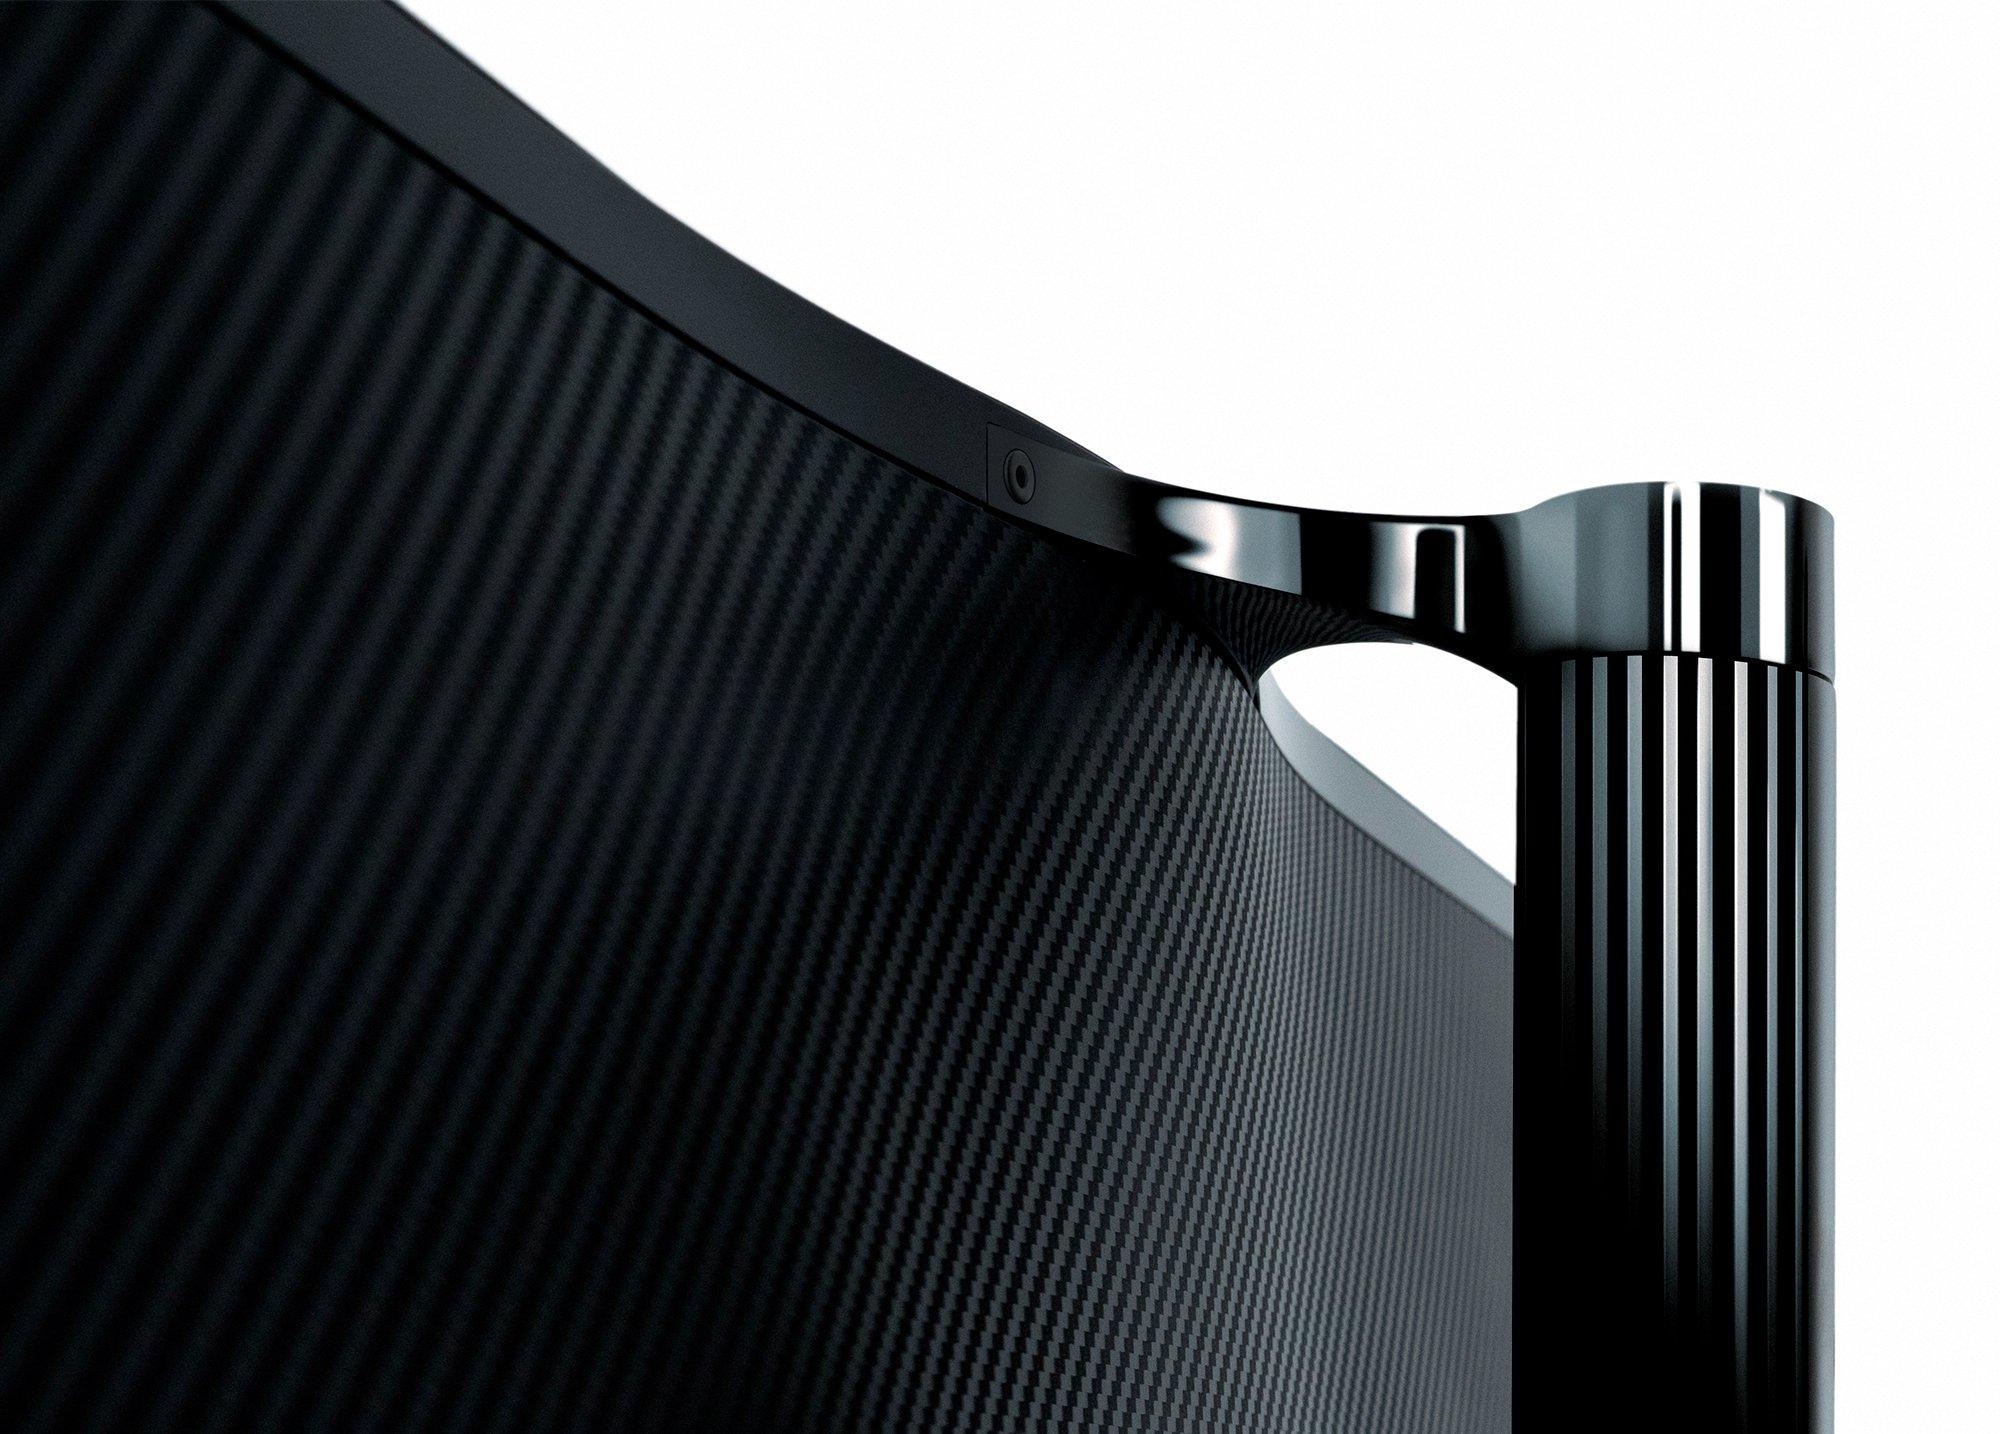 Le OnePlus TV sera compatible avec Dolby Vision, la meilleure norme HDR